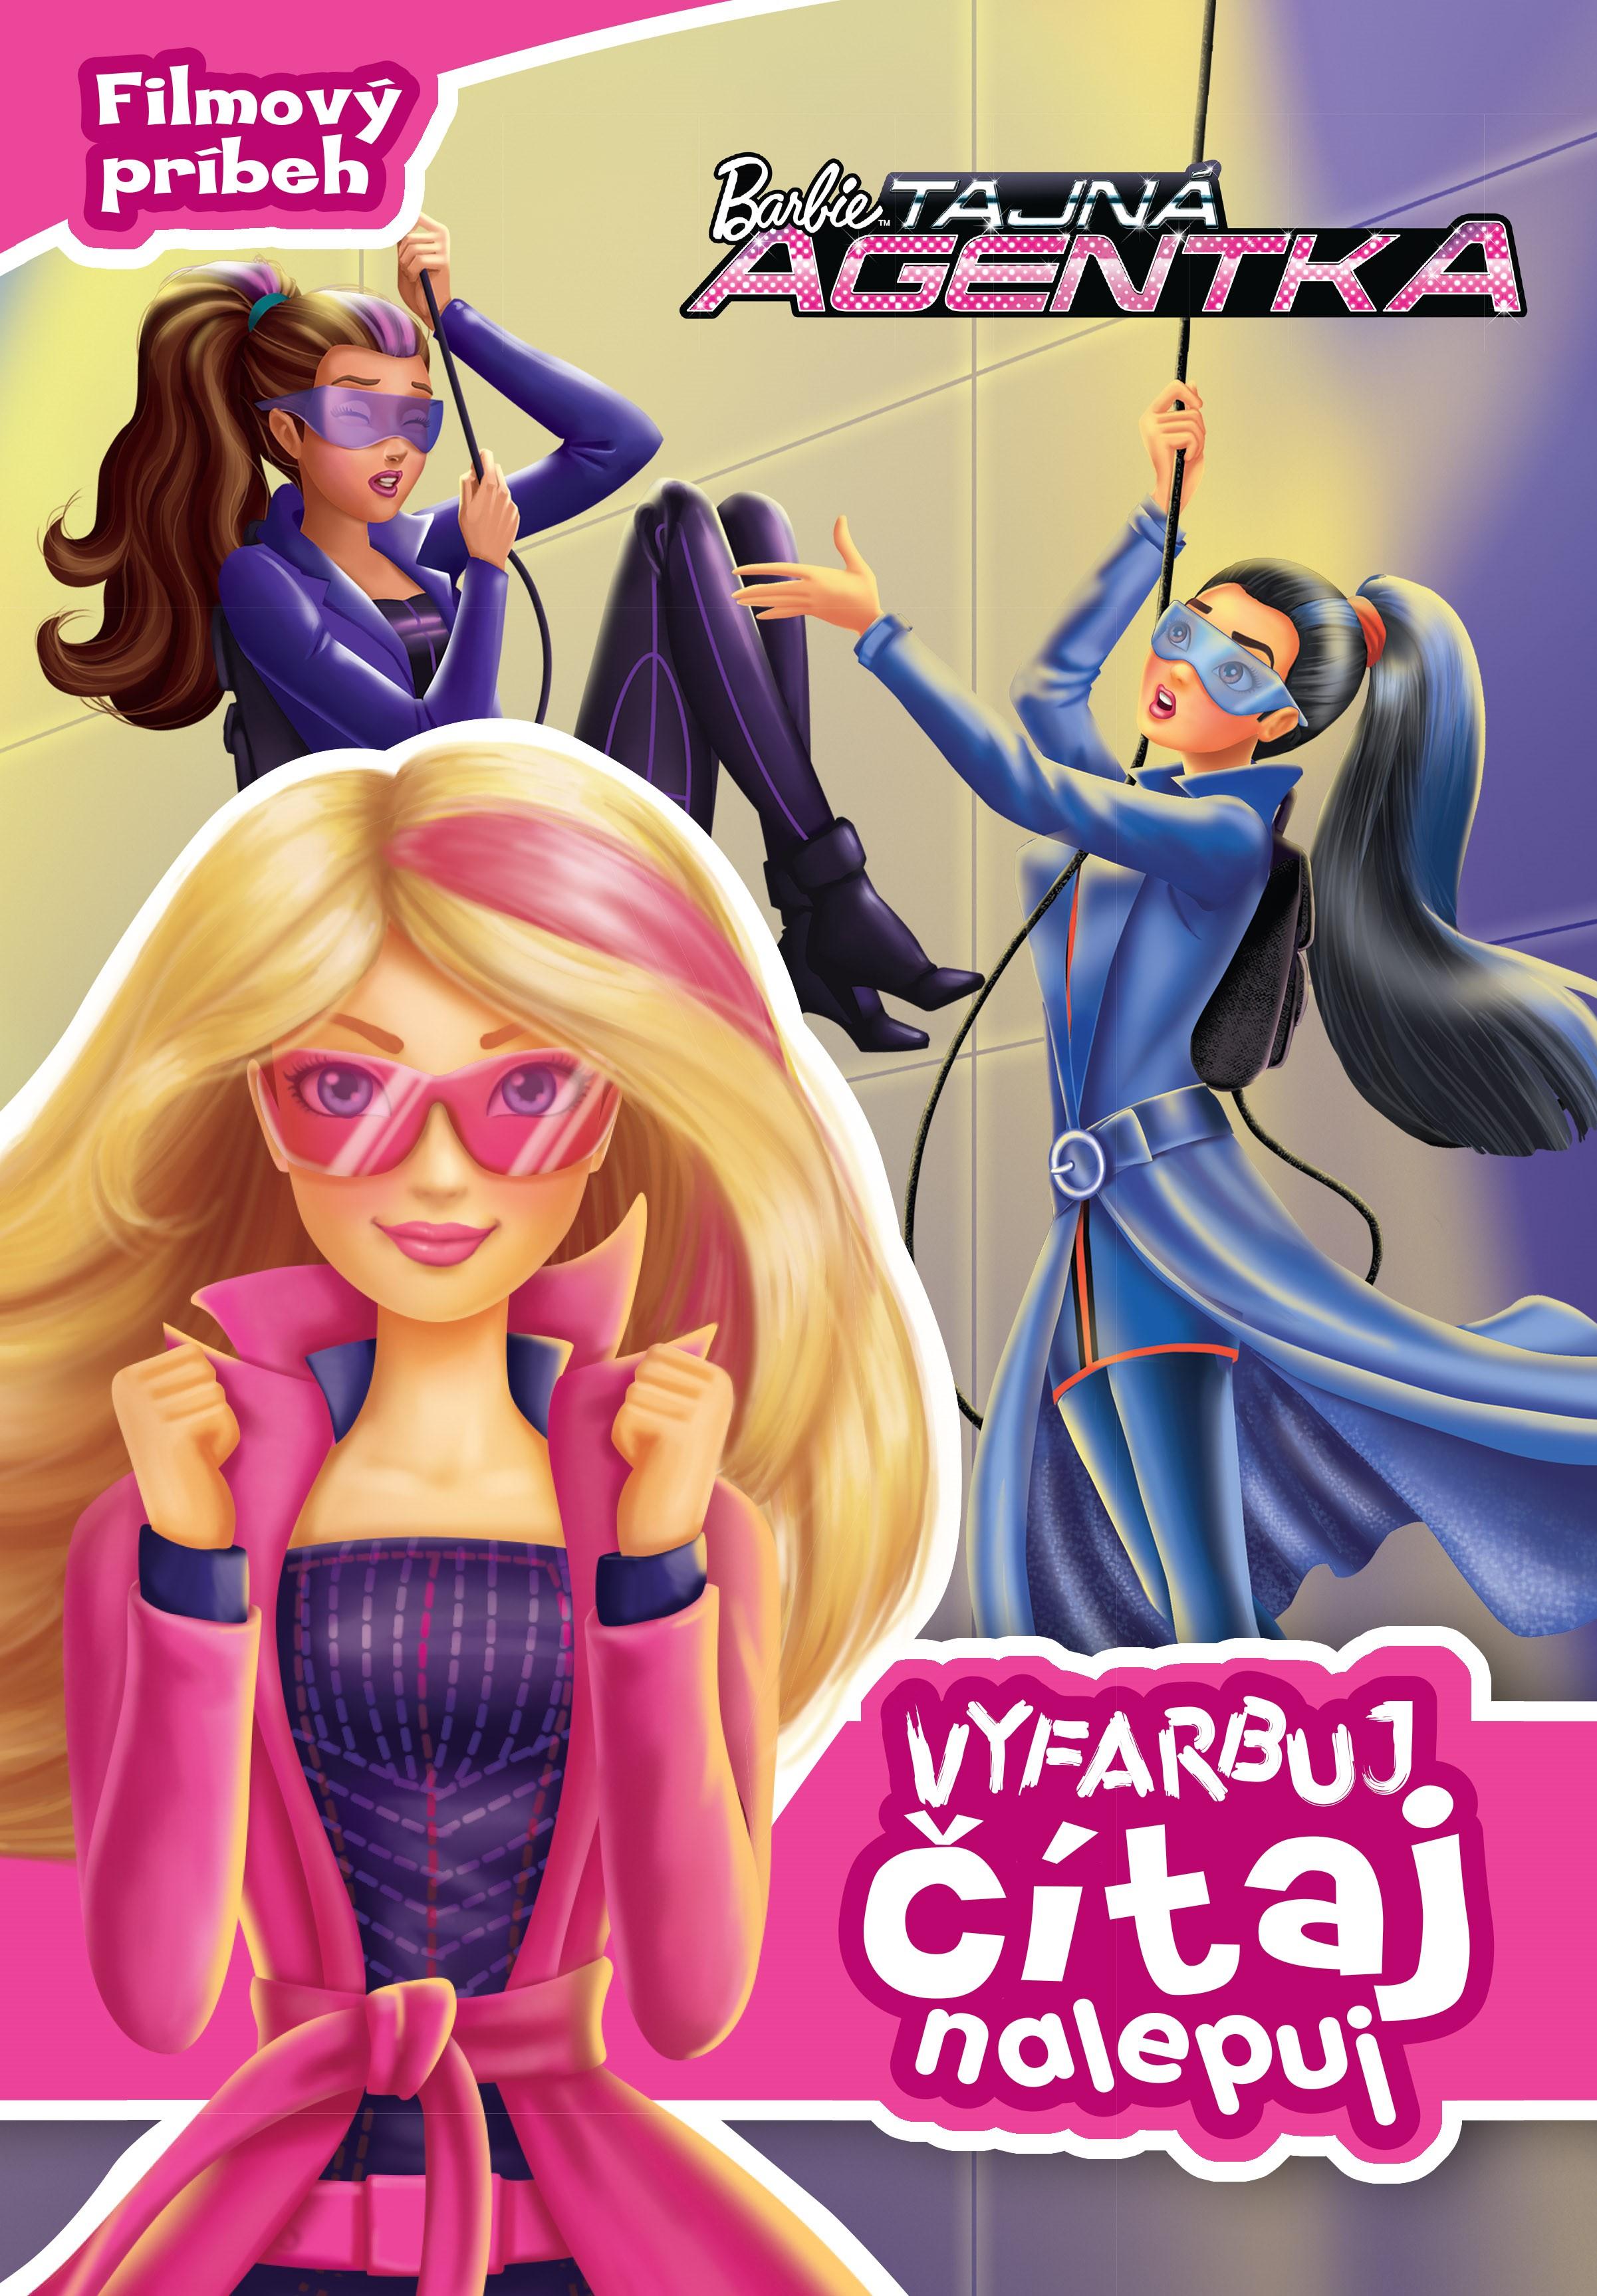 Barbie - Tajná agentka- Filmový príbeh - Vyfarbuj, čítaj, nalepuj